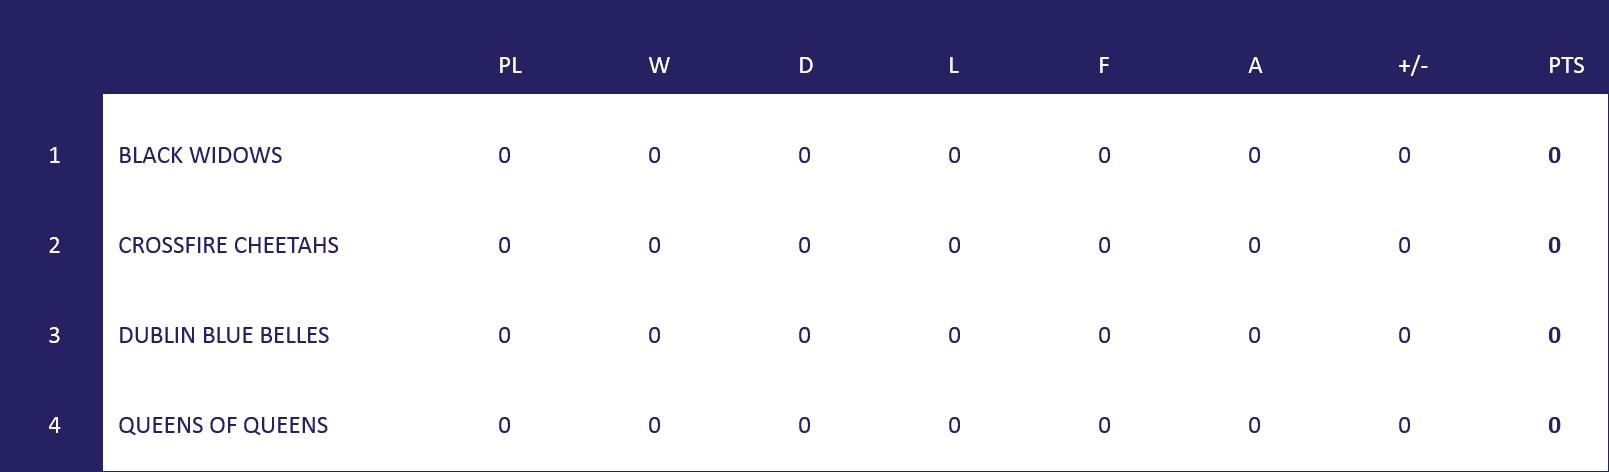 NI WSL Table